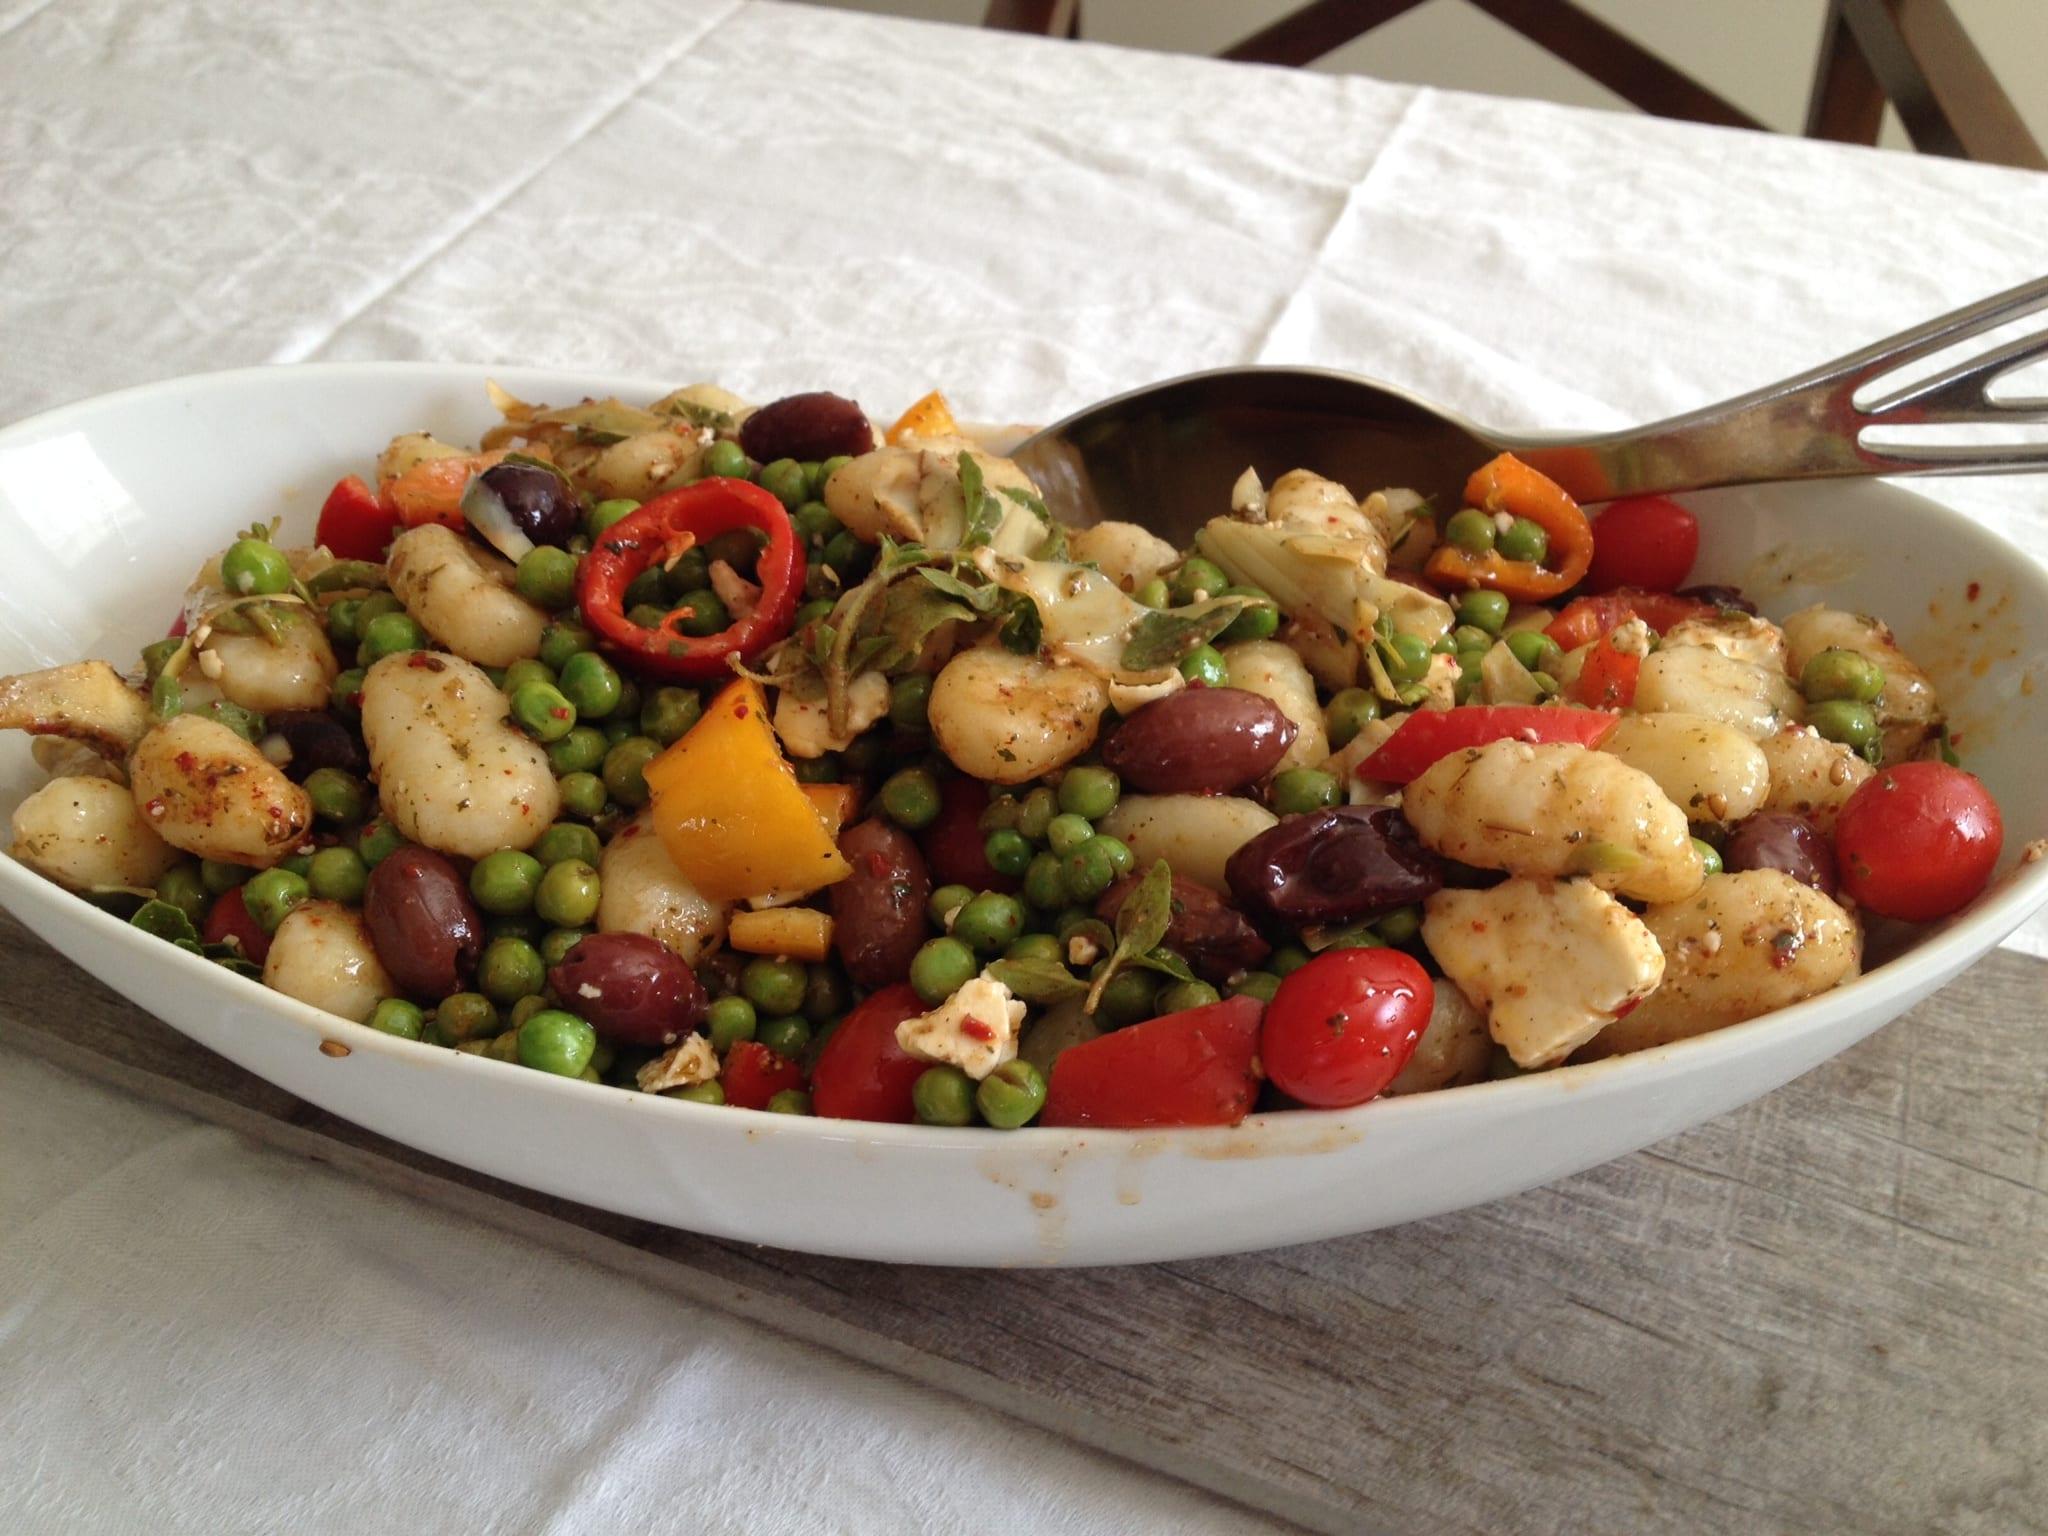 Gnocchi Artichoke and Pea Salad